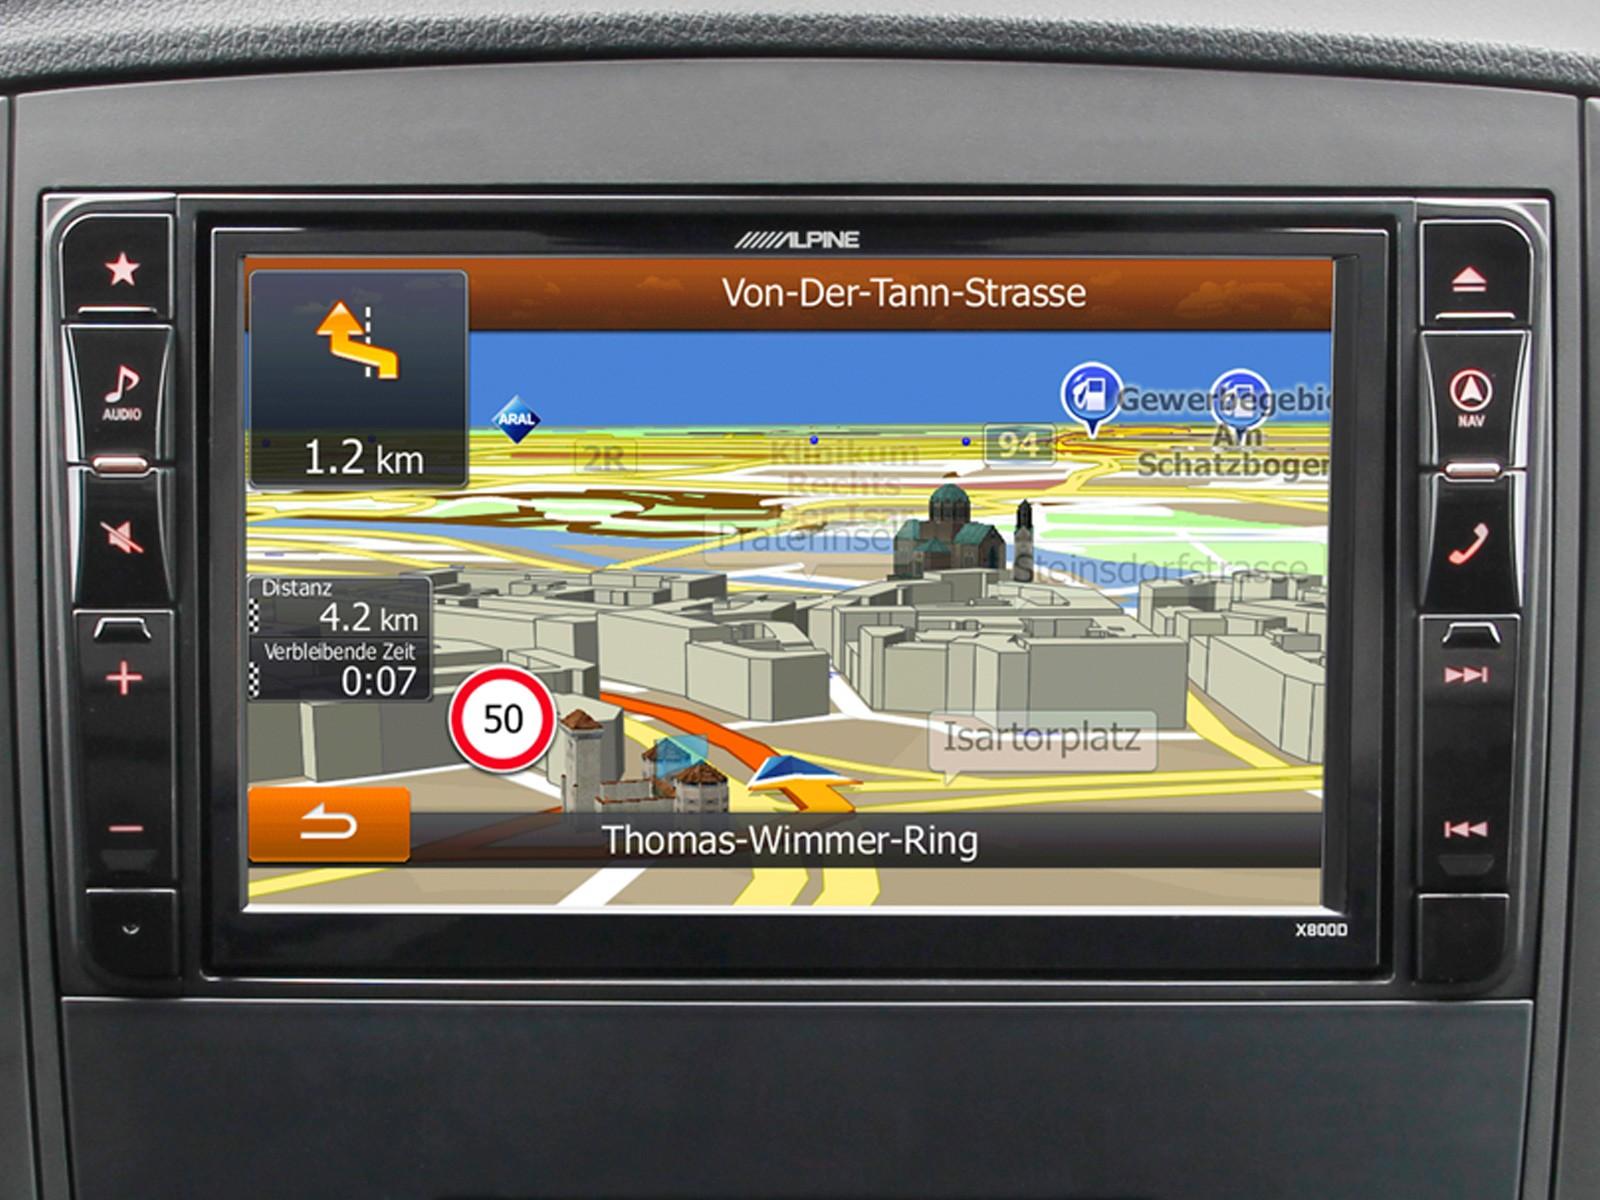 mercedes benz vito 447 alpine x800d v447 mise jour radars pour vos cartes t l charger mise. Black Bedroom Furniture Sets. Home Design Ideas